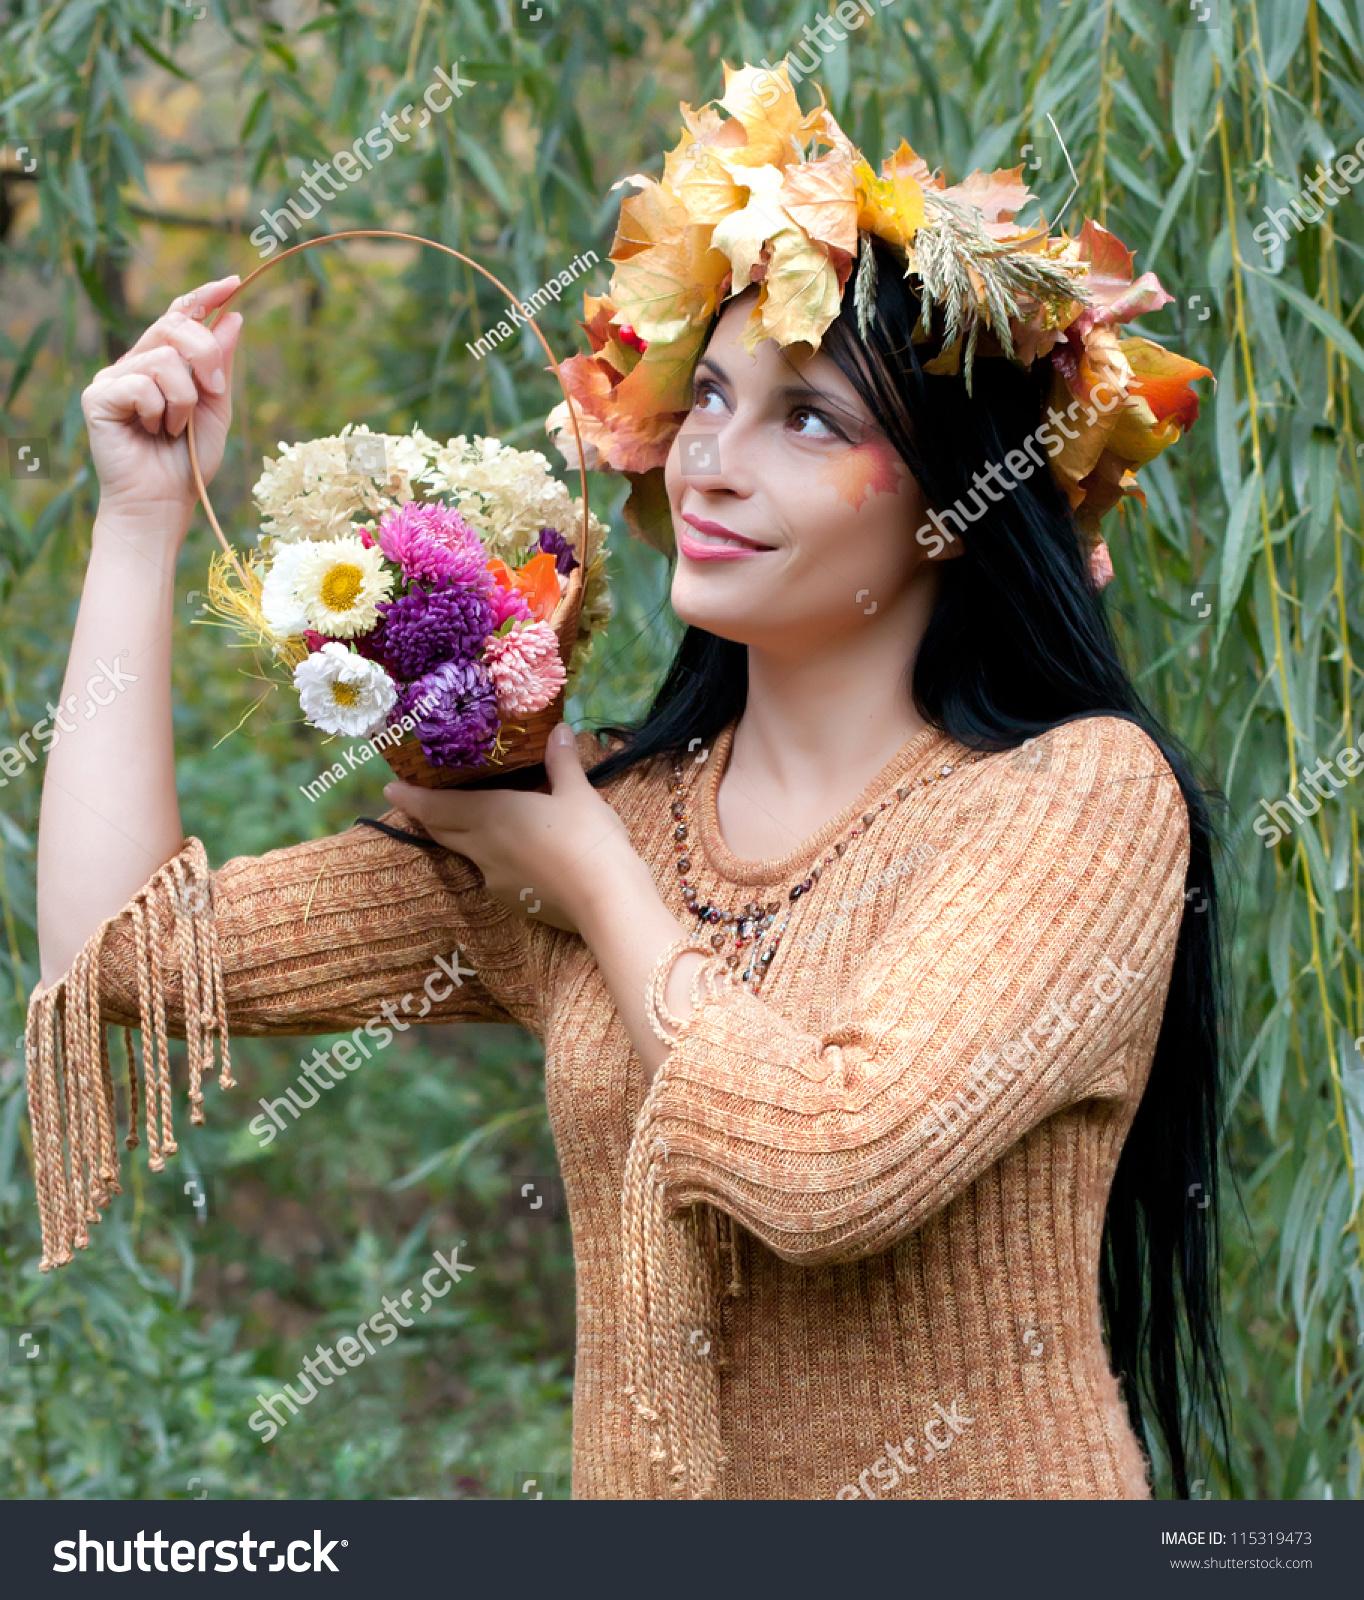 Beautiful woman flower basket stock photo royalty free 115319473 beautiful woman with flower basket izmirmasajfo